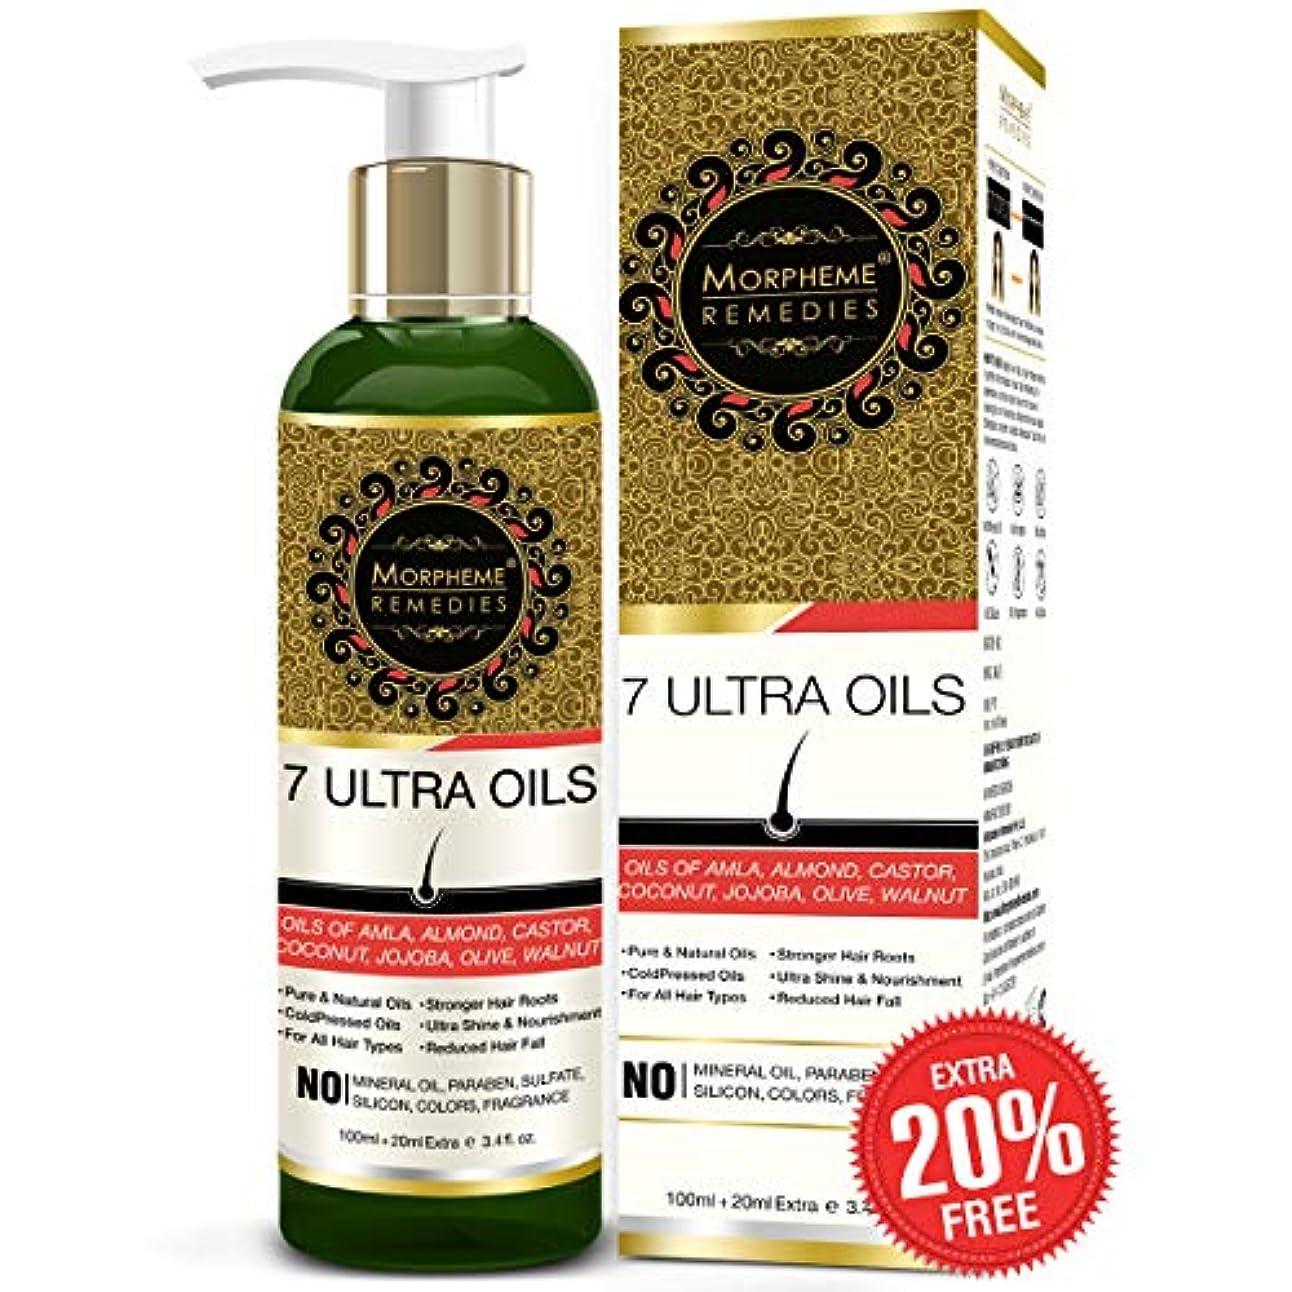 冷える分子時間厳守Morpheme Remedies 7 Ultra Hair Oil - (Almond, Castor, Jojoba, Coconut, Olive, Walnut, Amla Oils) - 120 ml